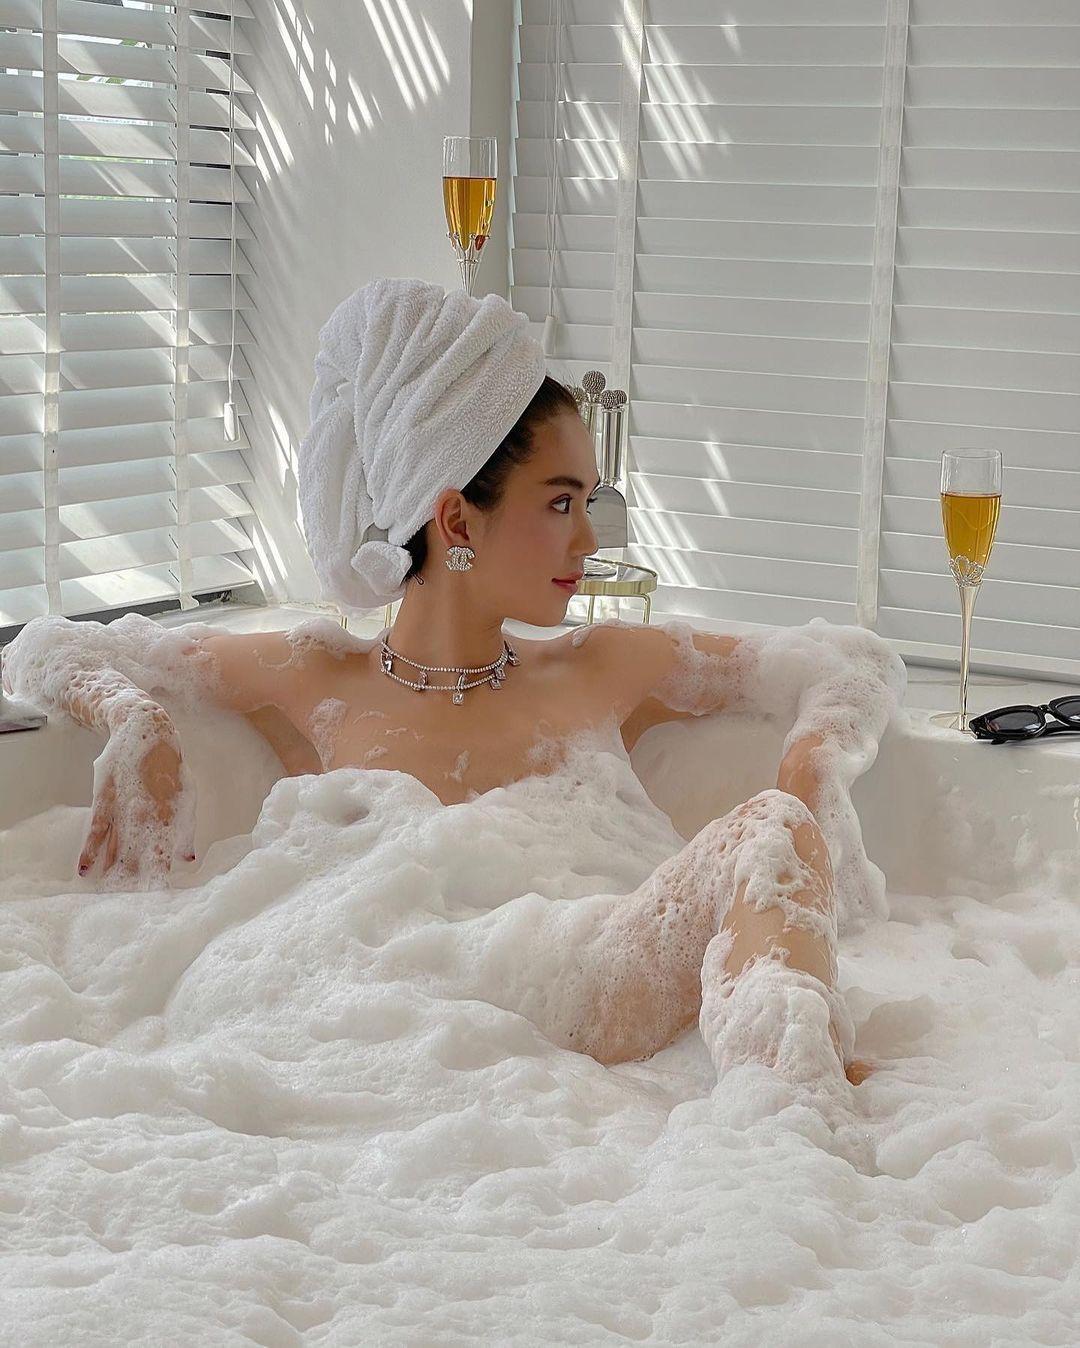 """""""Nữ hoàng nội y"""" khoả thân táo bạo trong bồn tắm bất chấp bị gièm pha, chỉ trích - 1"""